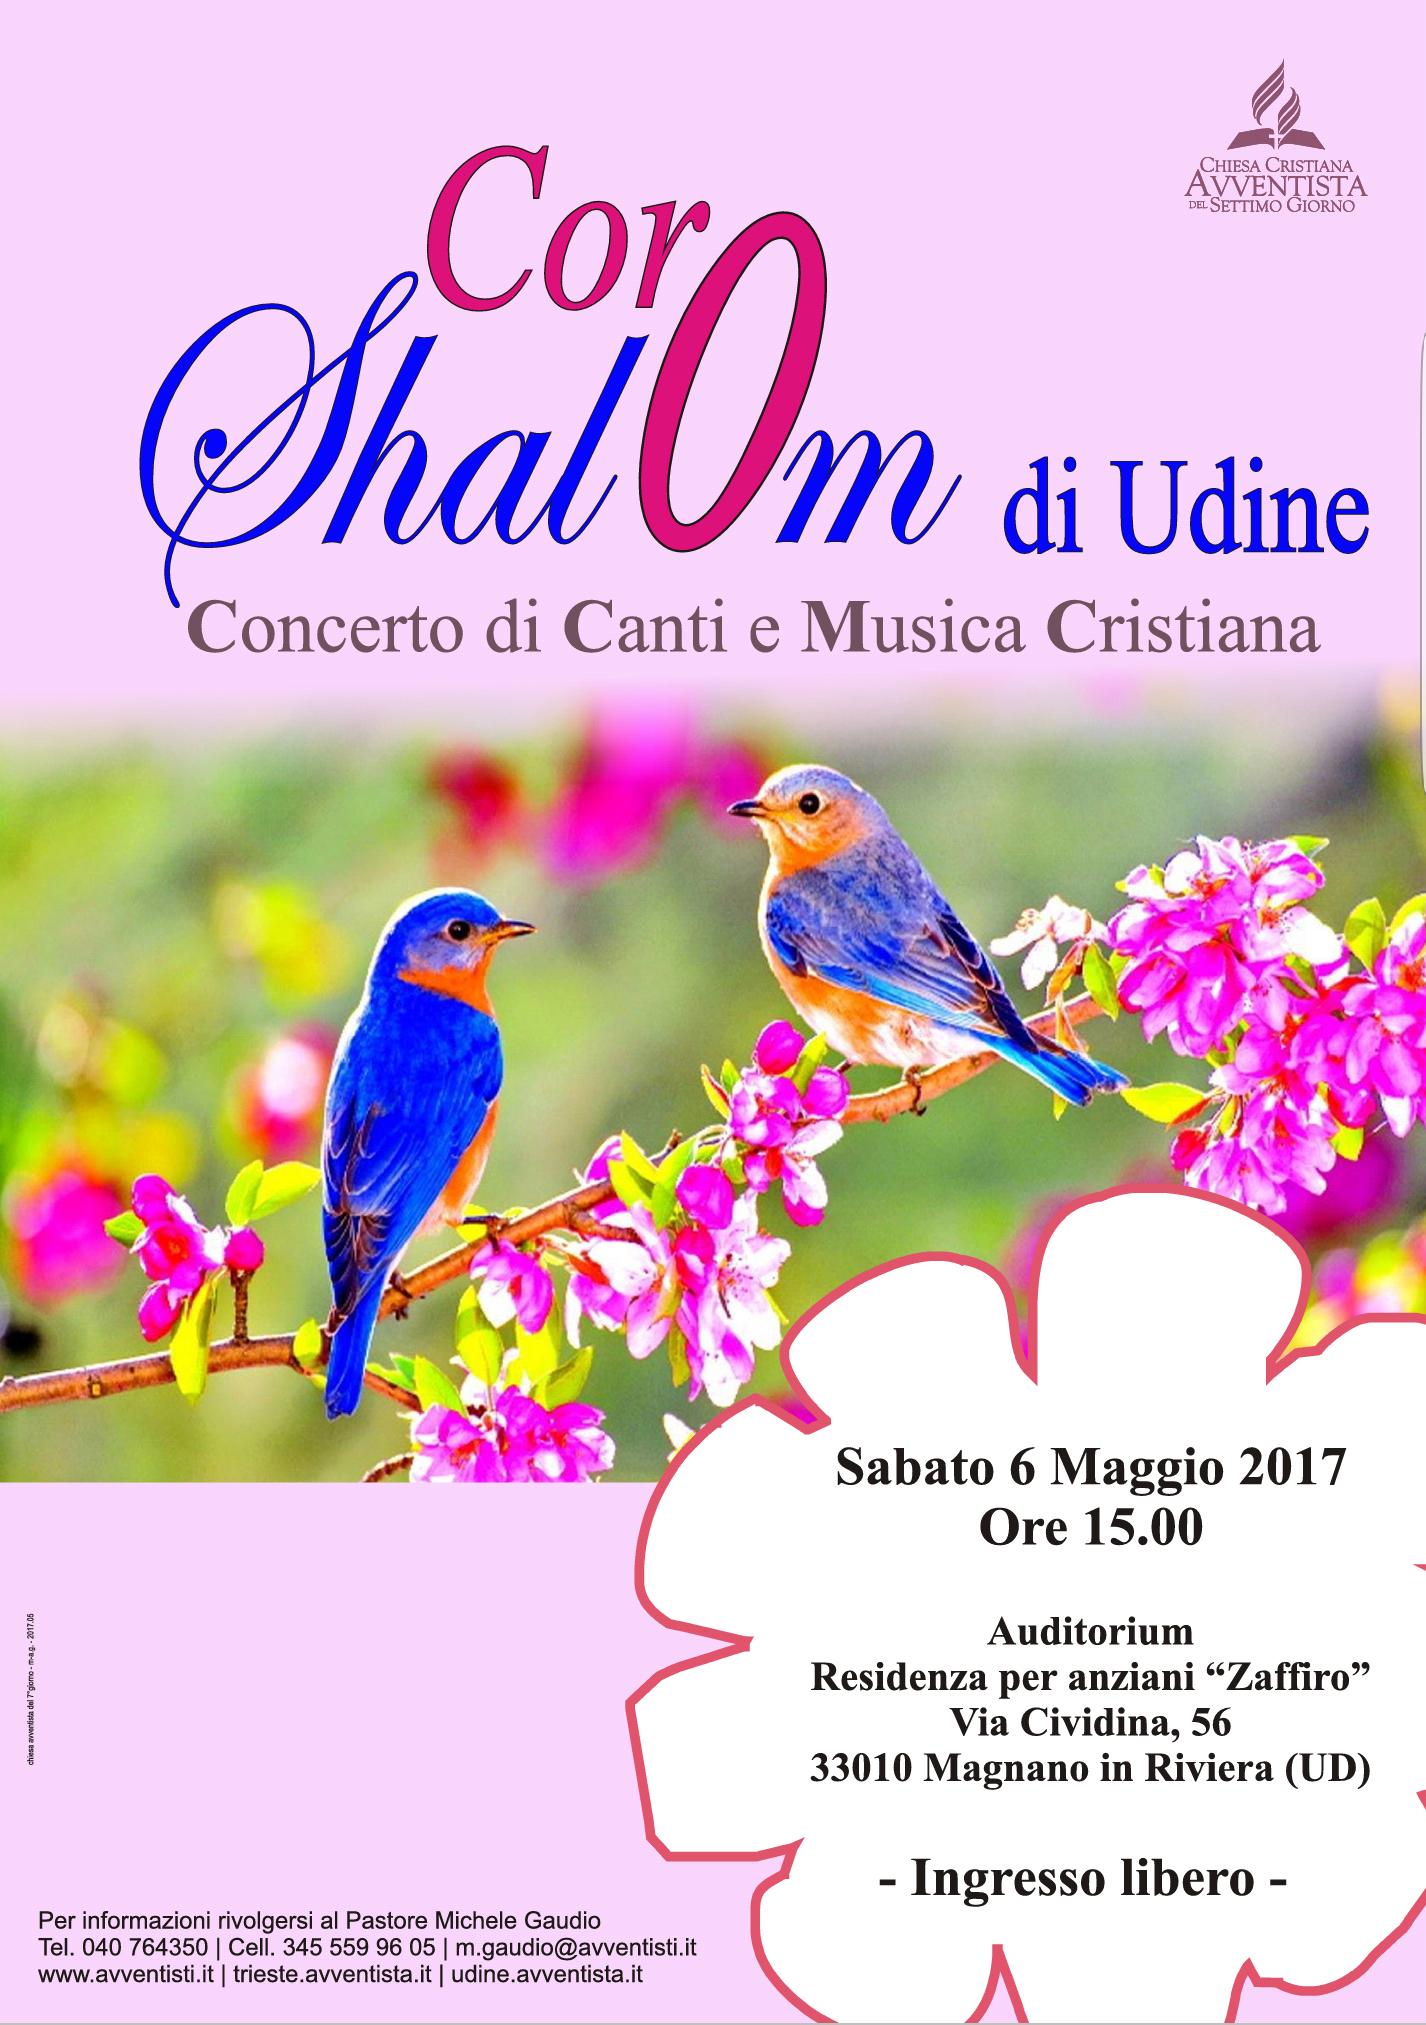 Udine. Concerto di Canti e Musica Cristiana